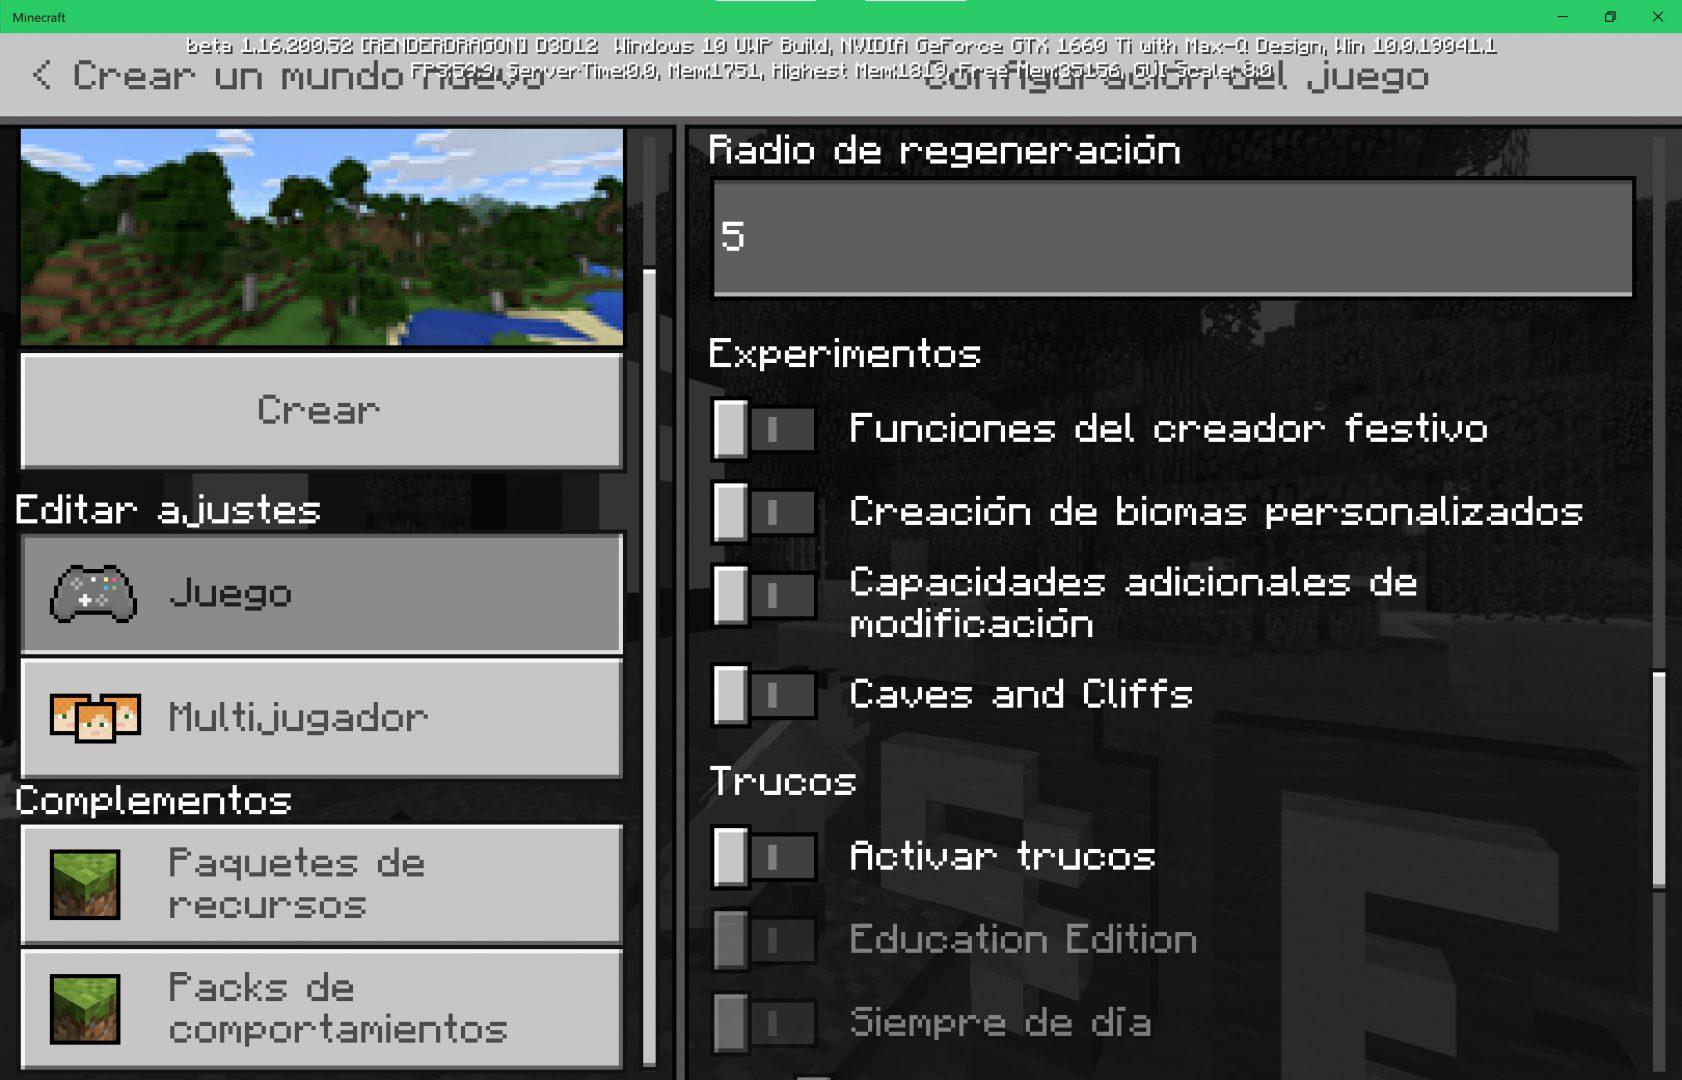 Minecraft activar cuevas y acantiladosen las funciones experimentales